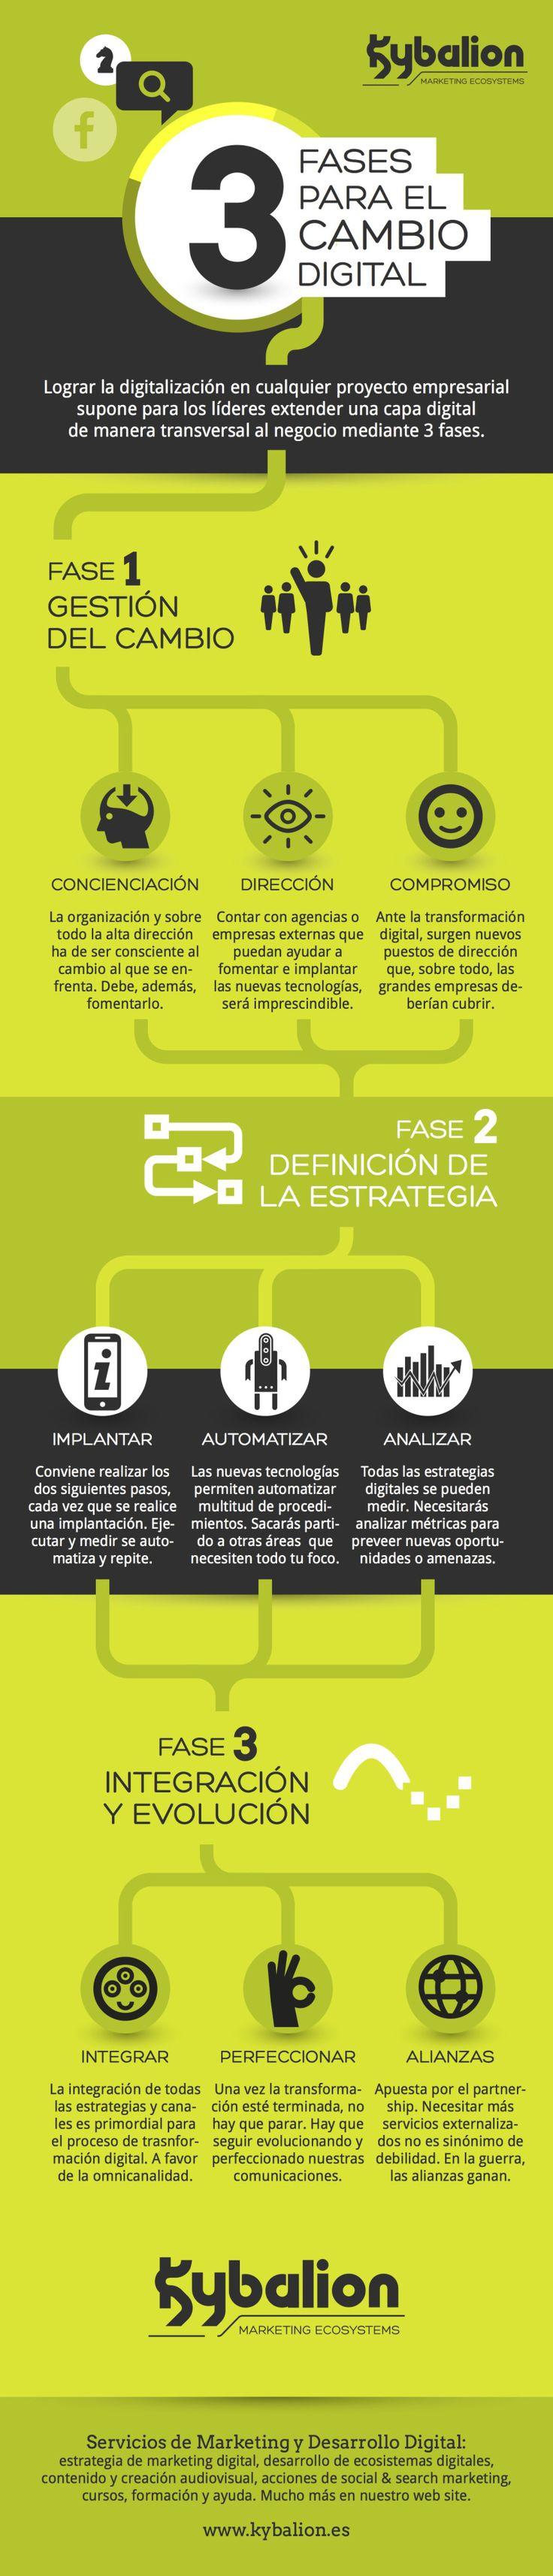 3 Fases de la Transformación Digital